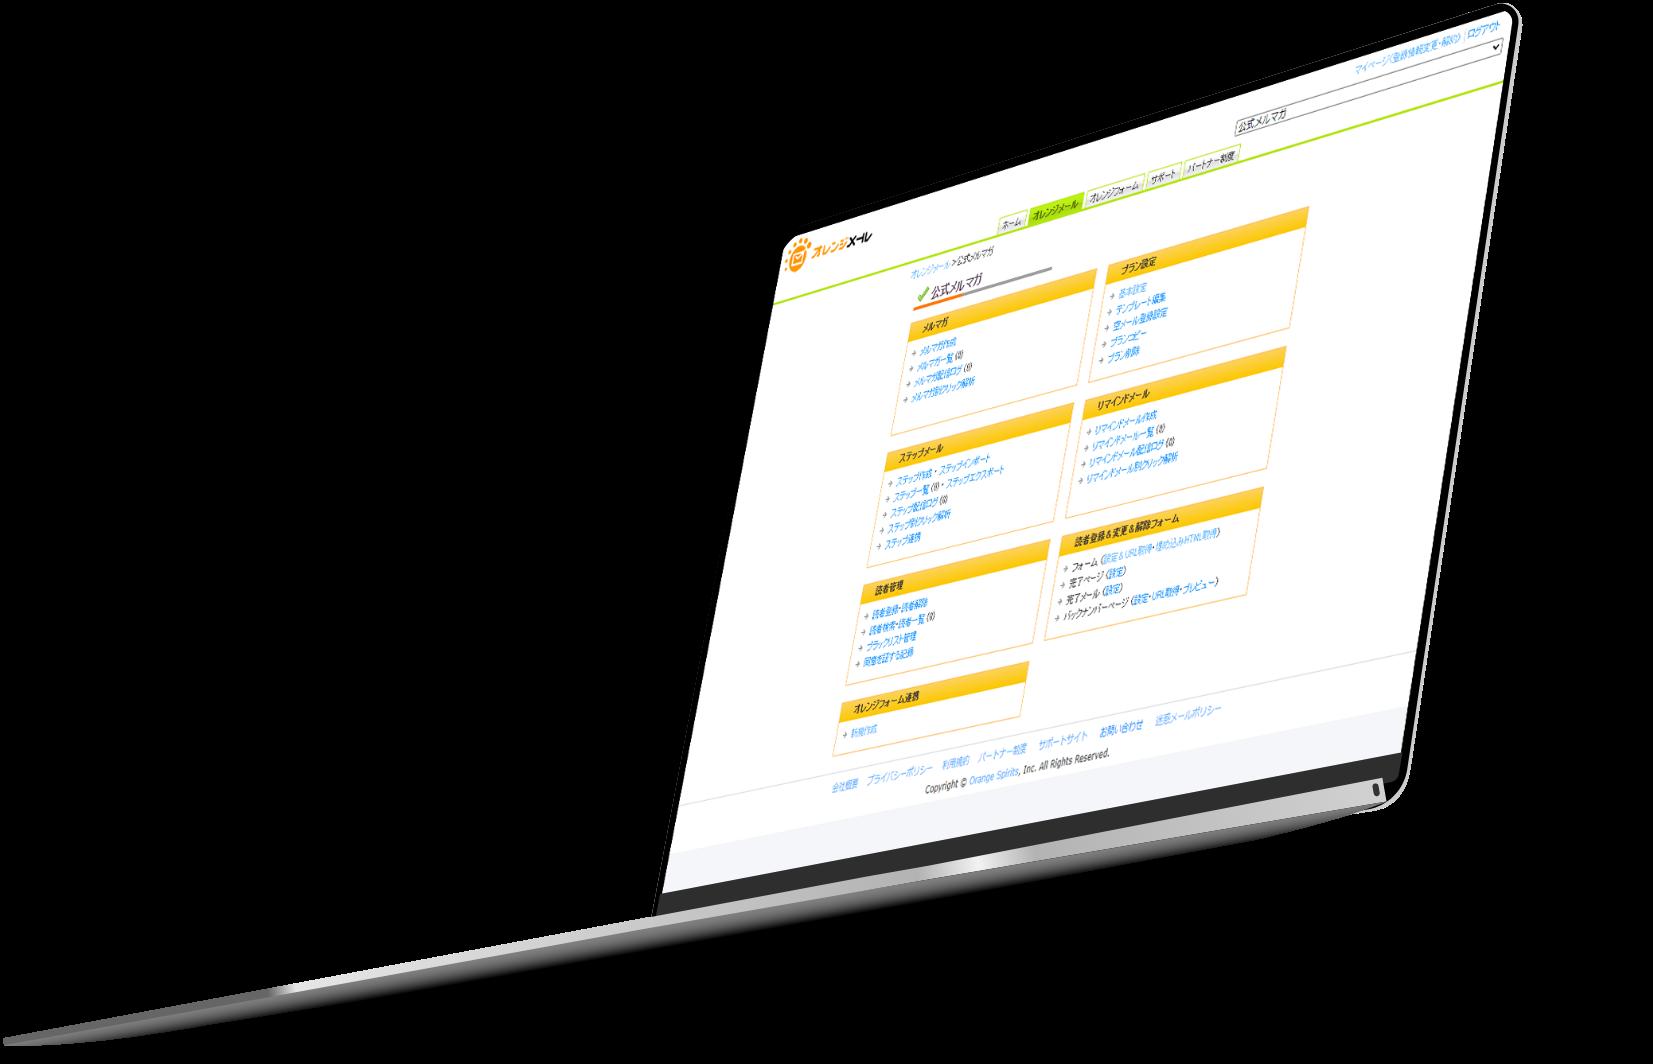 オレンジメール管理画面を表示したパソコン